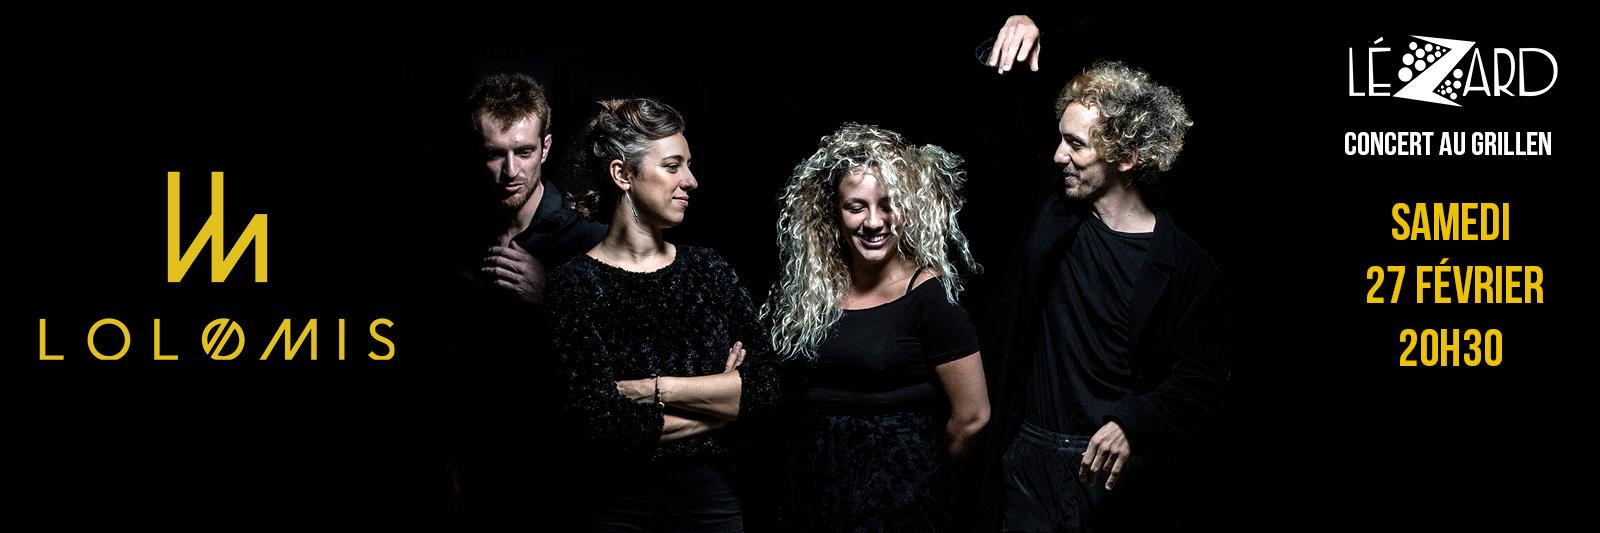 concert Lolomis au Grillen Colmar